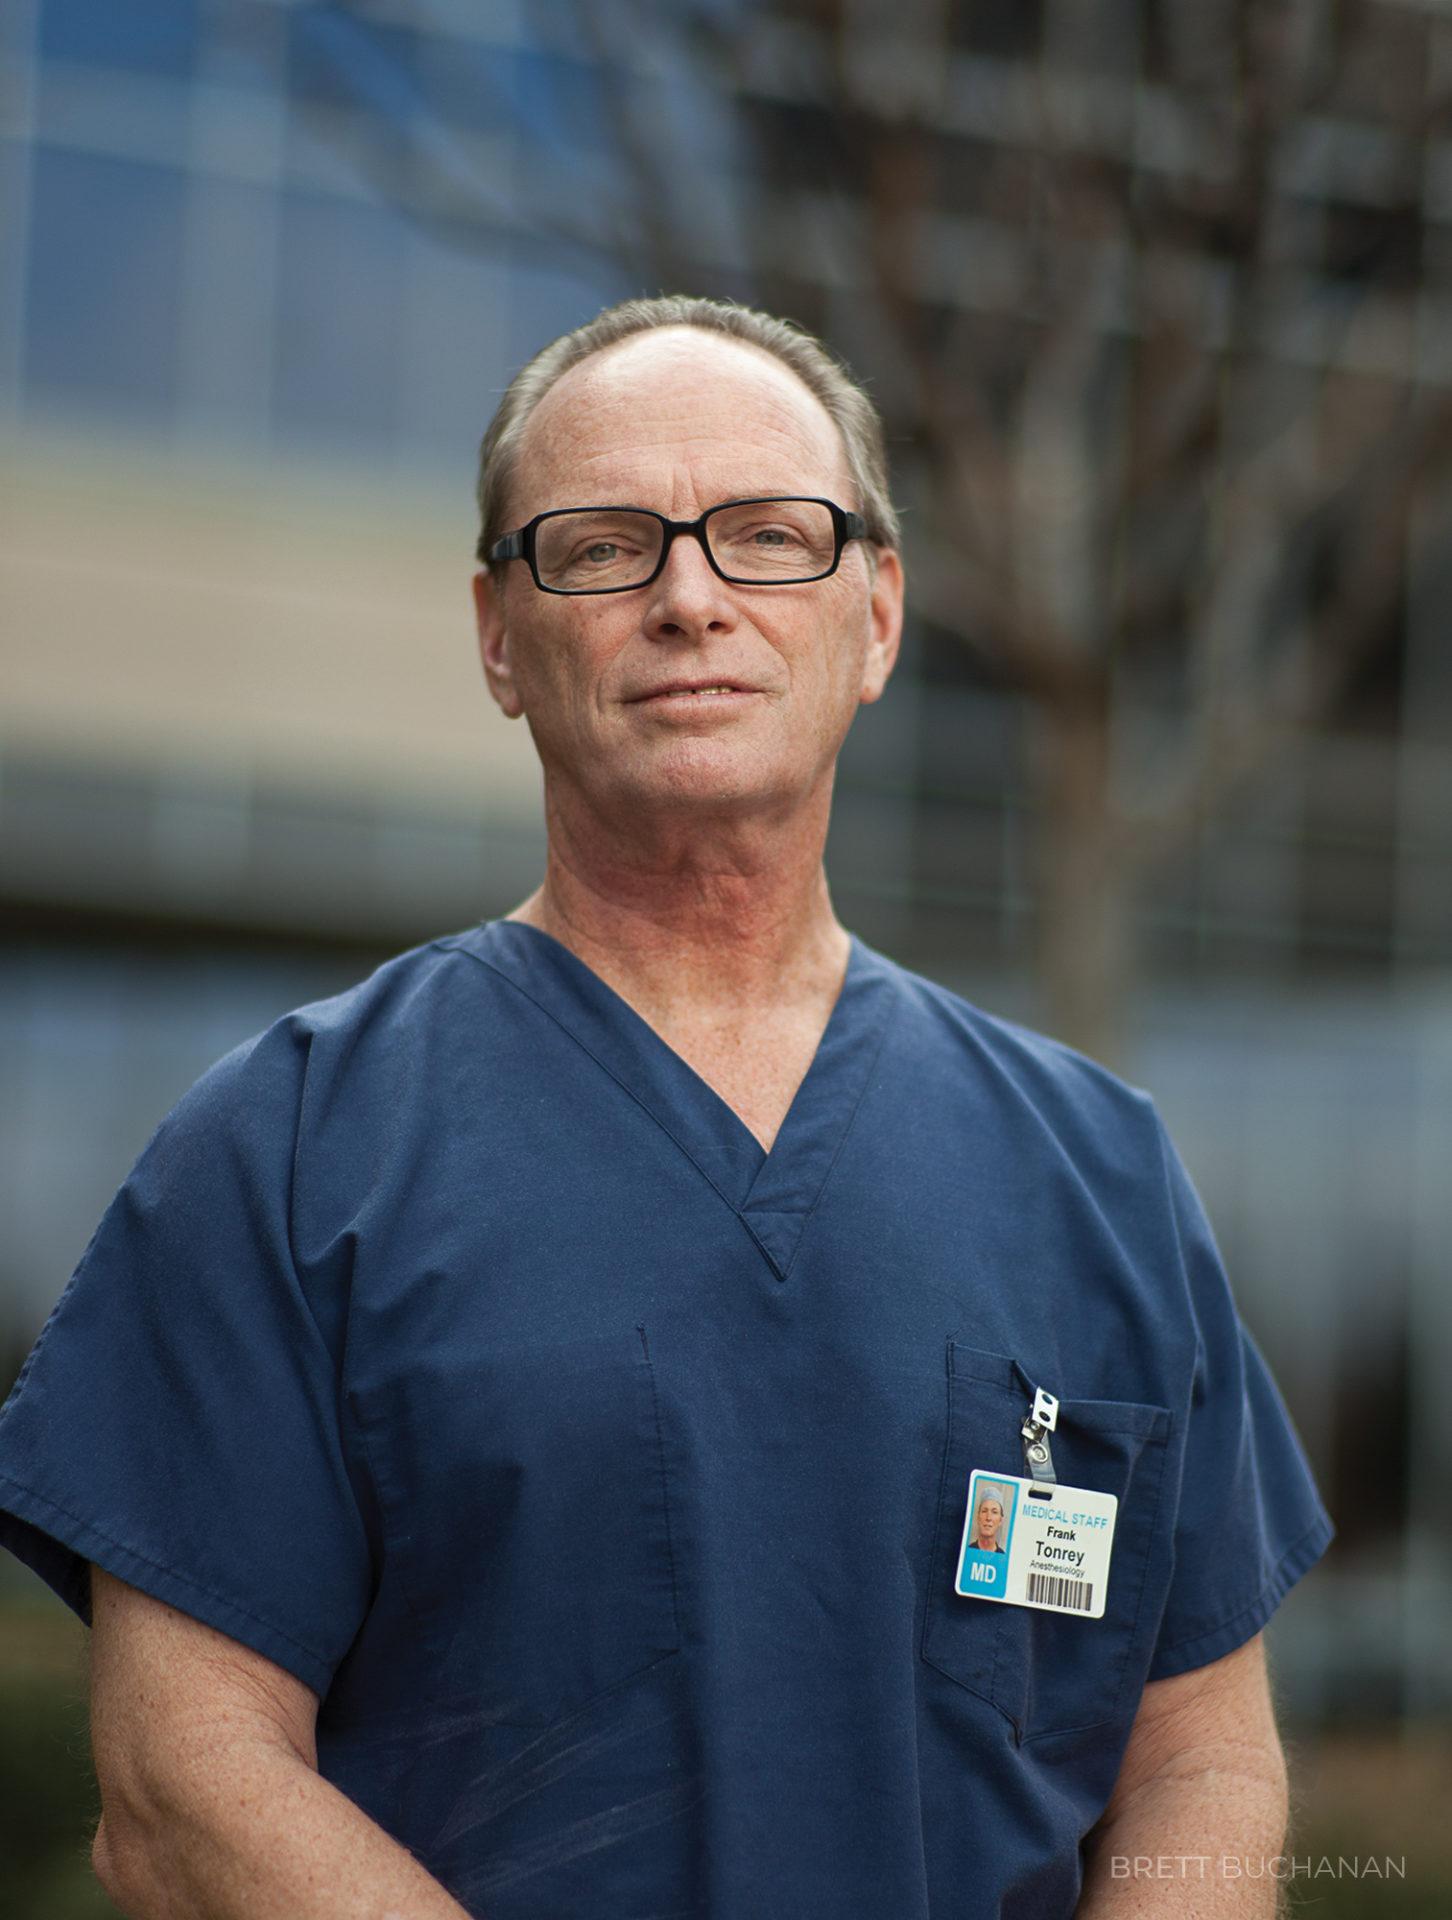 Brett-Buchanan-Texas-Medicine-08